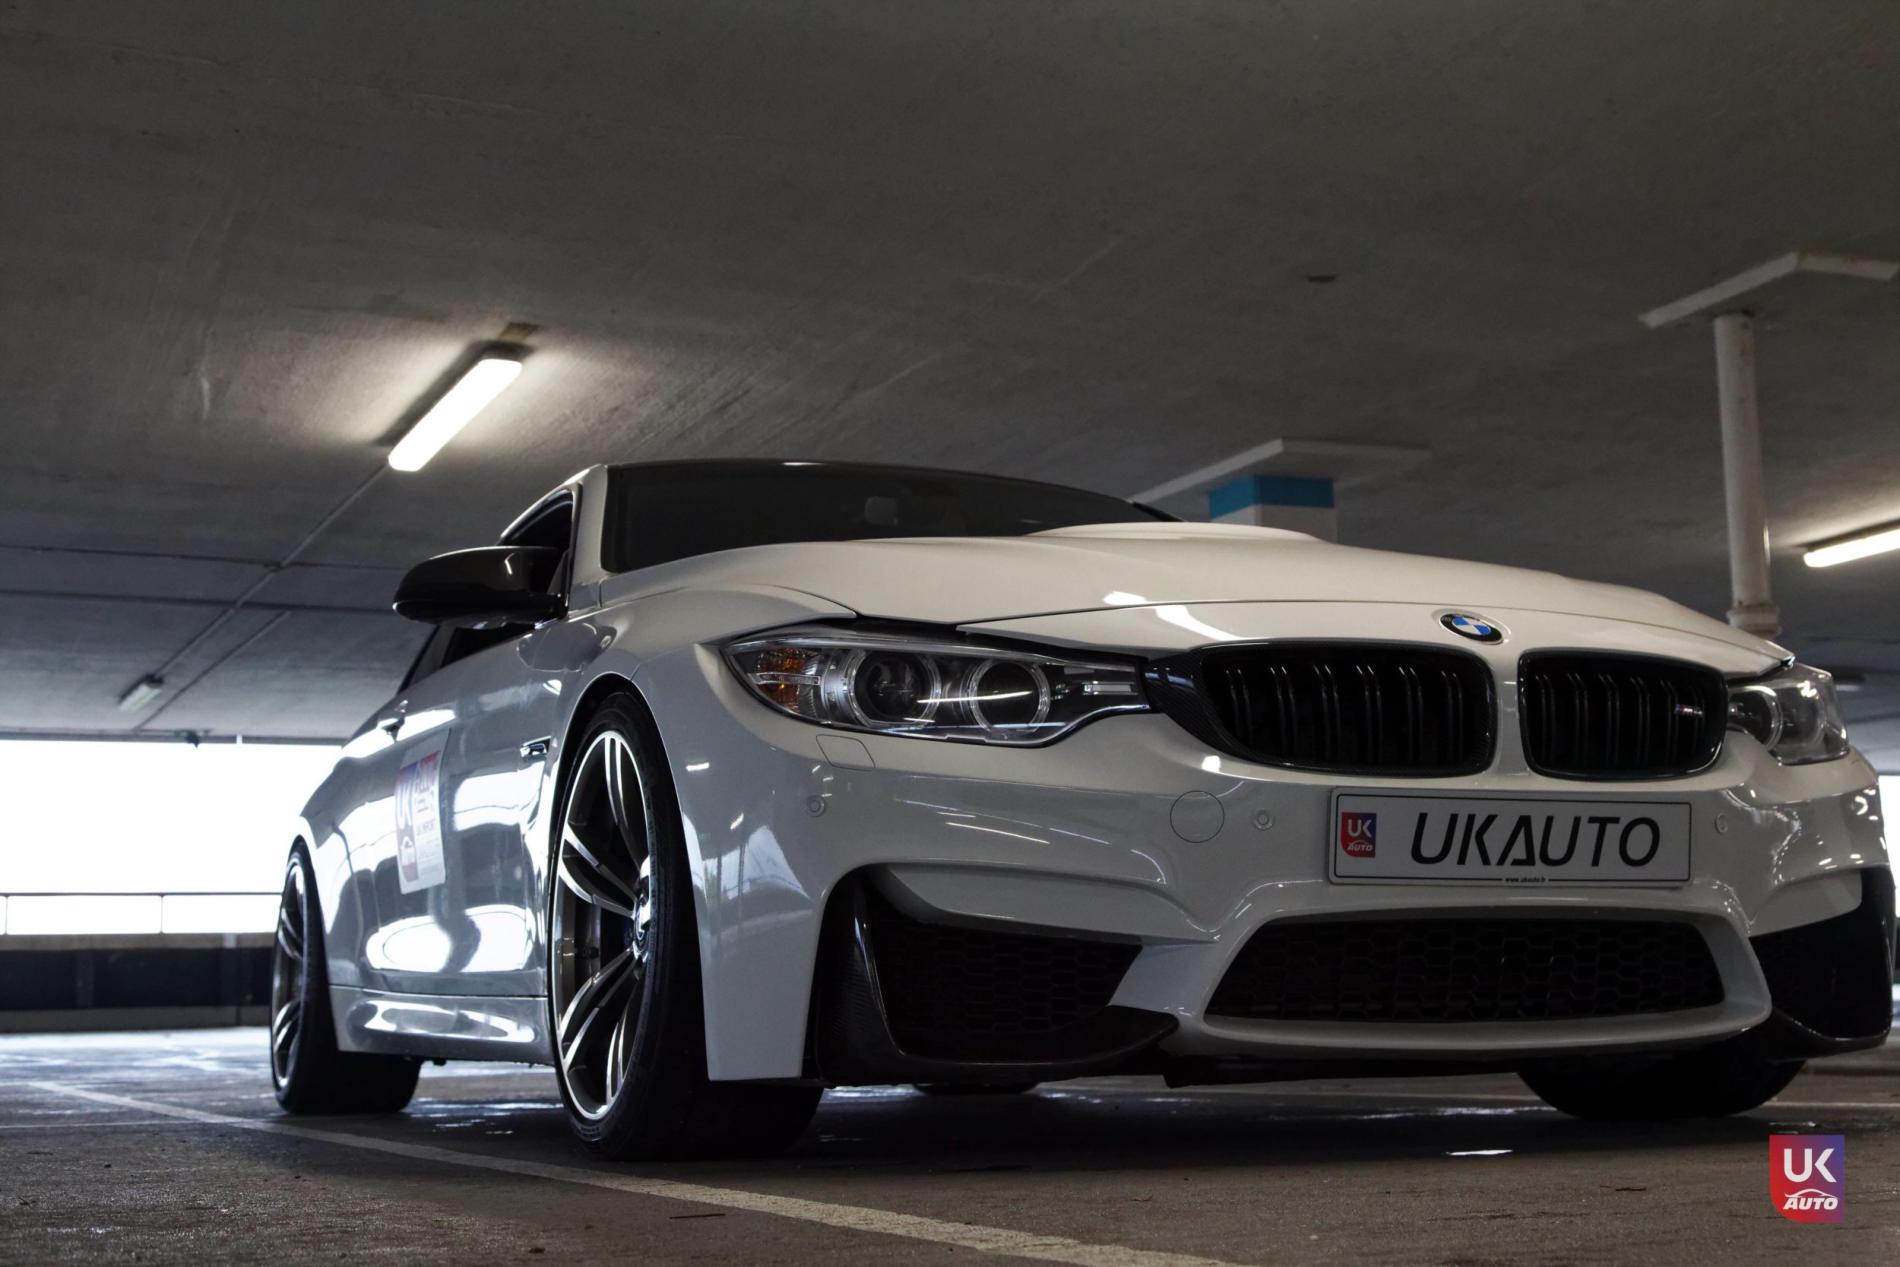 BMW M4 UK IMPORTATION M4 ANGLETERRE LIVRAISON DE CETTE BMW POUR NOTRE CLIENT POUR CETTE M4 RHD PAR UKAUTO7 - BMW M4 UK IMPORTATION M4 ANGLETERRE LIVRAISON DE CETTE BMW POUR NOTRE CLIENT POUR CETTE M4 RHD FELICITATION A FLORIAN